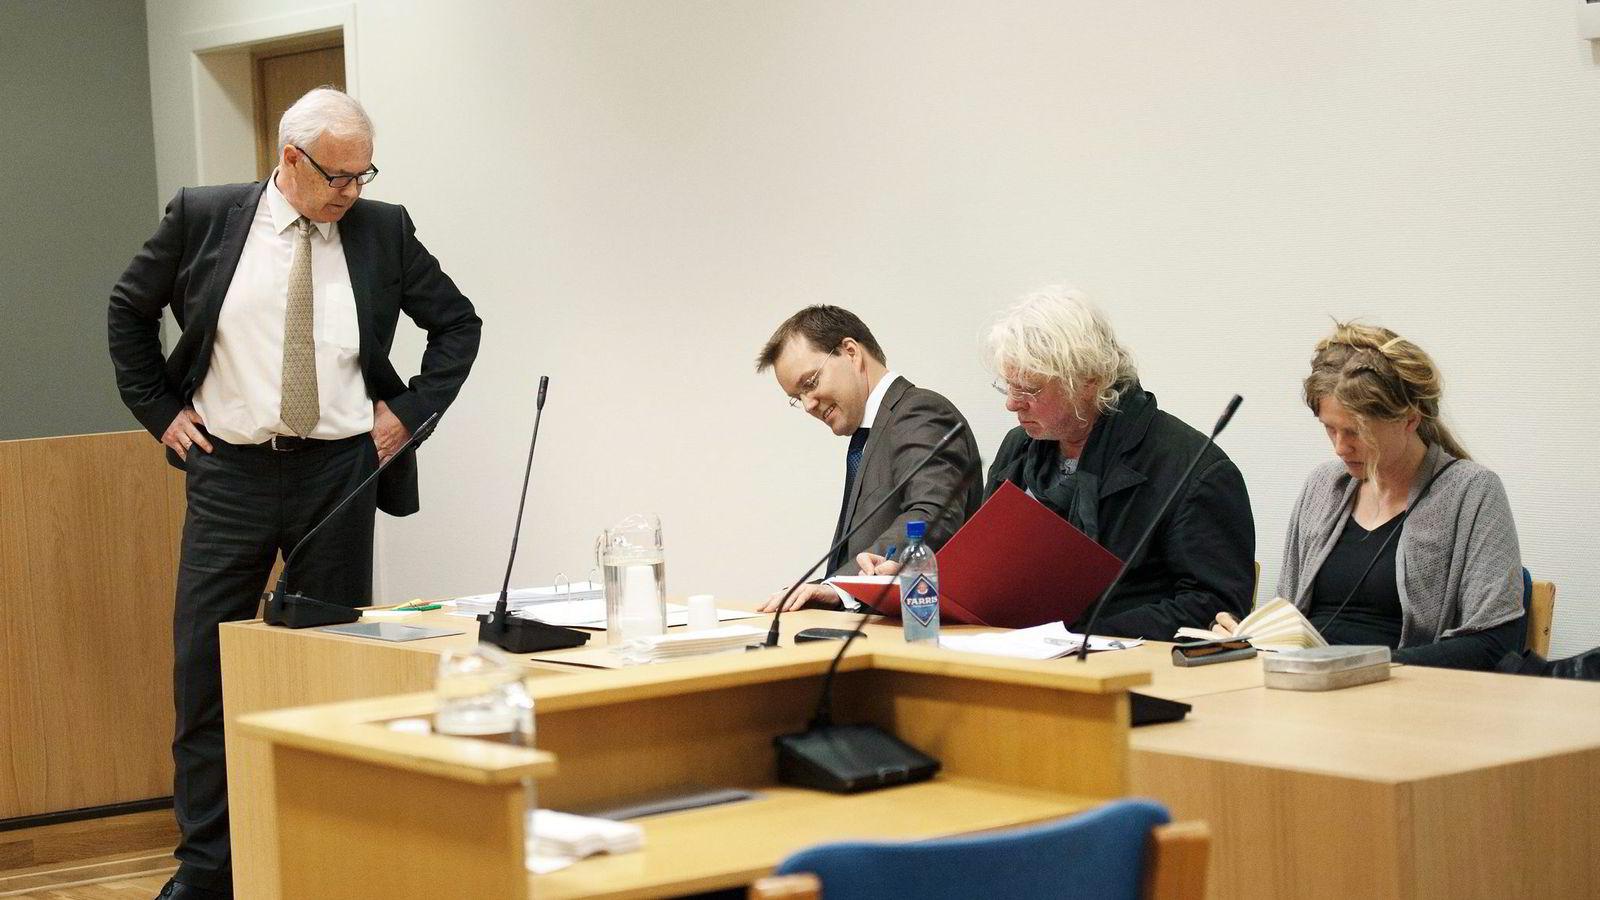 NY RUNDE. Odd Nerdrum er den saksøkte parten i saken. Her fotografert i Larvik tingrett med sin kone Turid Spildo og sin advokat Stein E. Hove. Til venstre Espen Komnæs, advokat for The Nerdrum Institute.